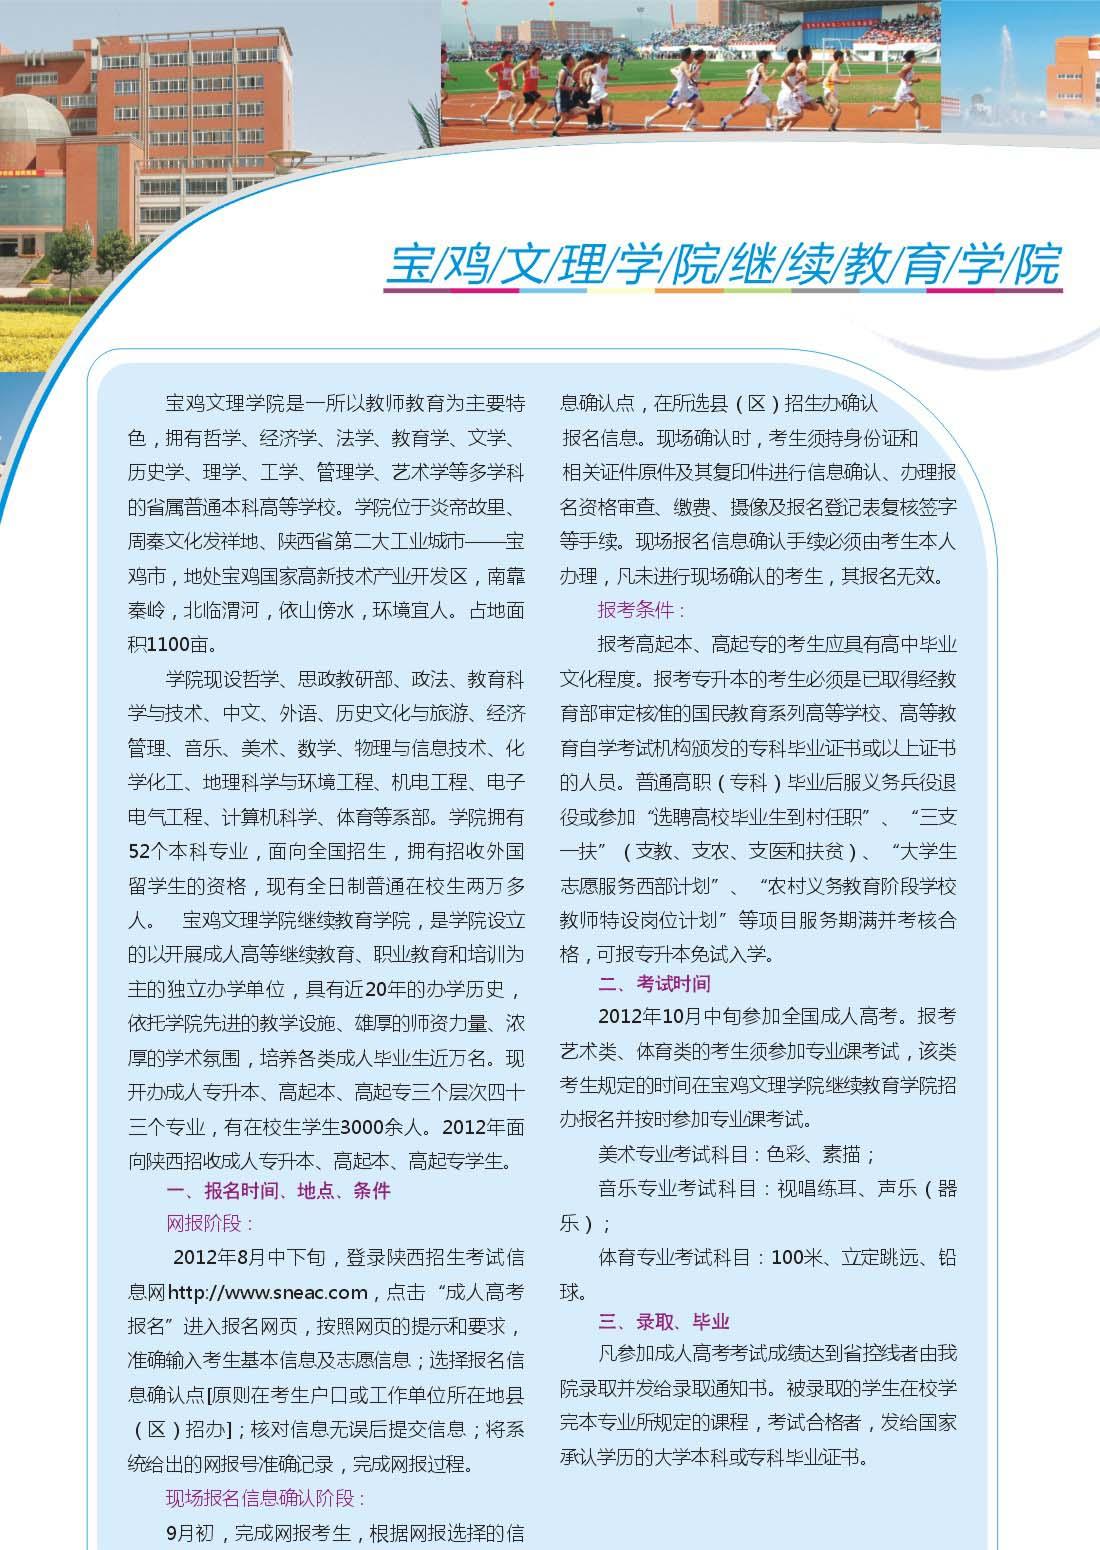 宝鸡文理学院招生_宝鸡文理学院继续教育学院2012年音乐专业招生简章(一